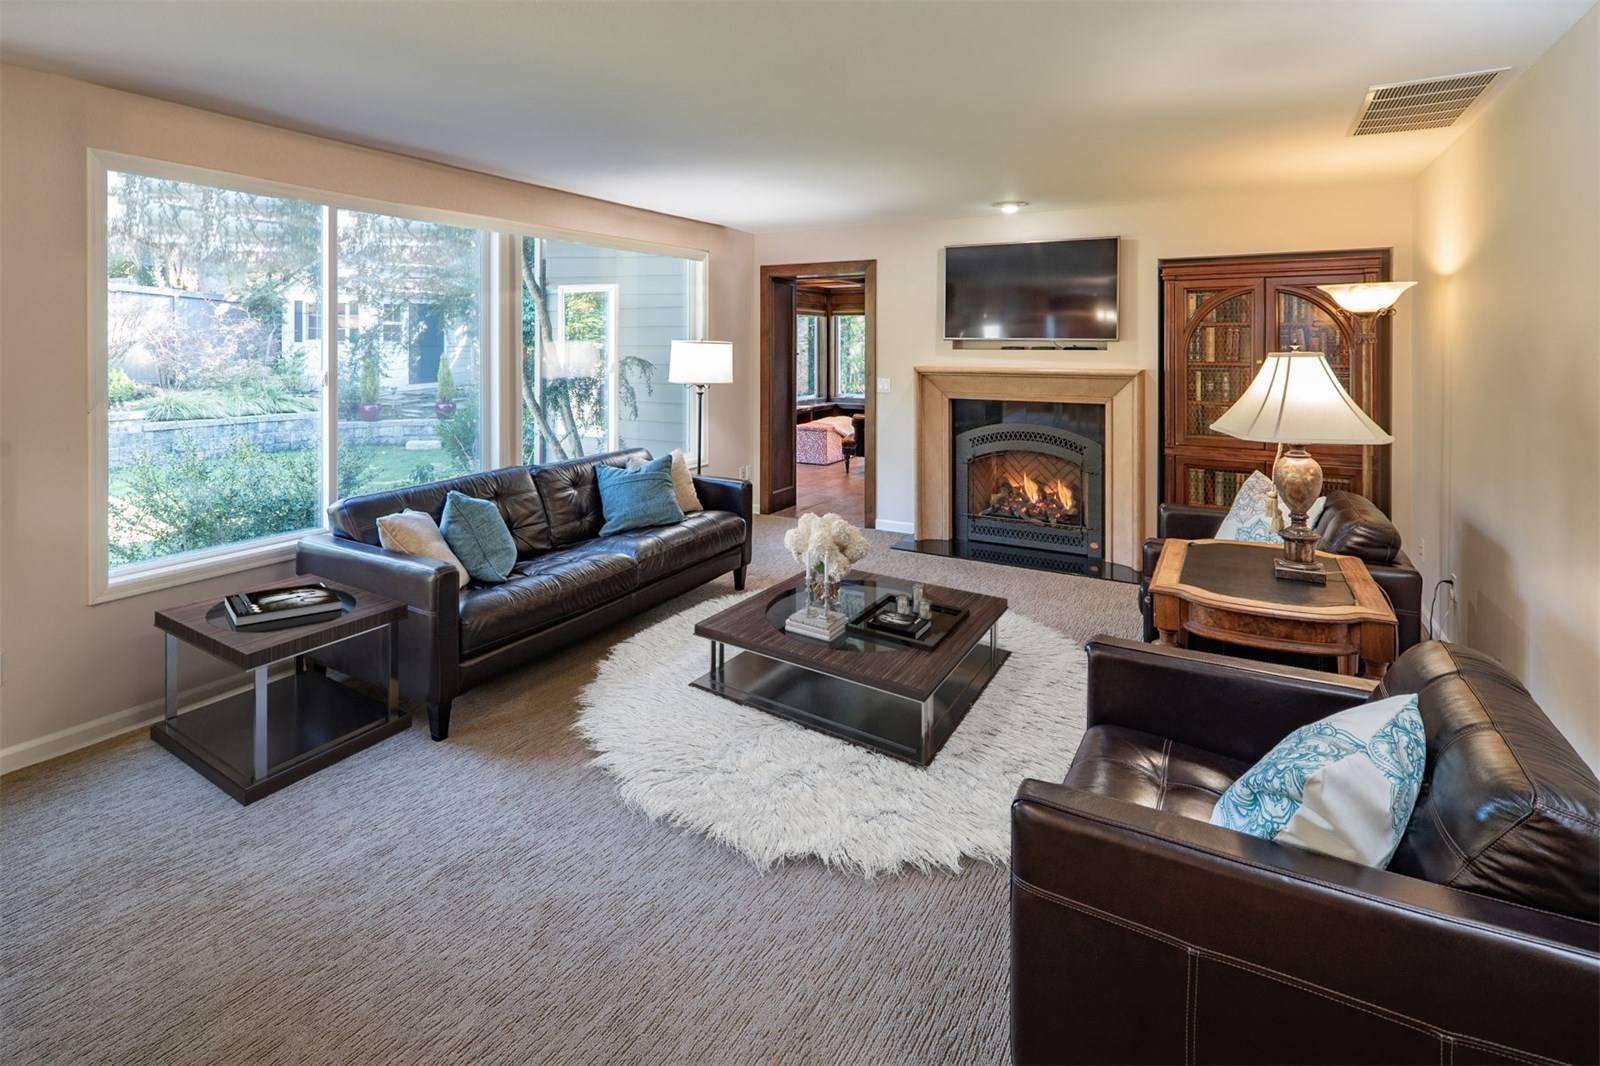 1624 108th Avenue Northeast, Bellevue - Helen Pederslie (7).jpg